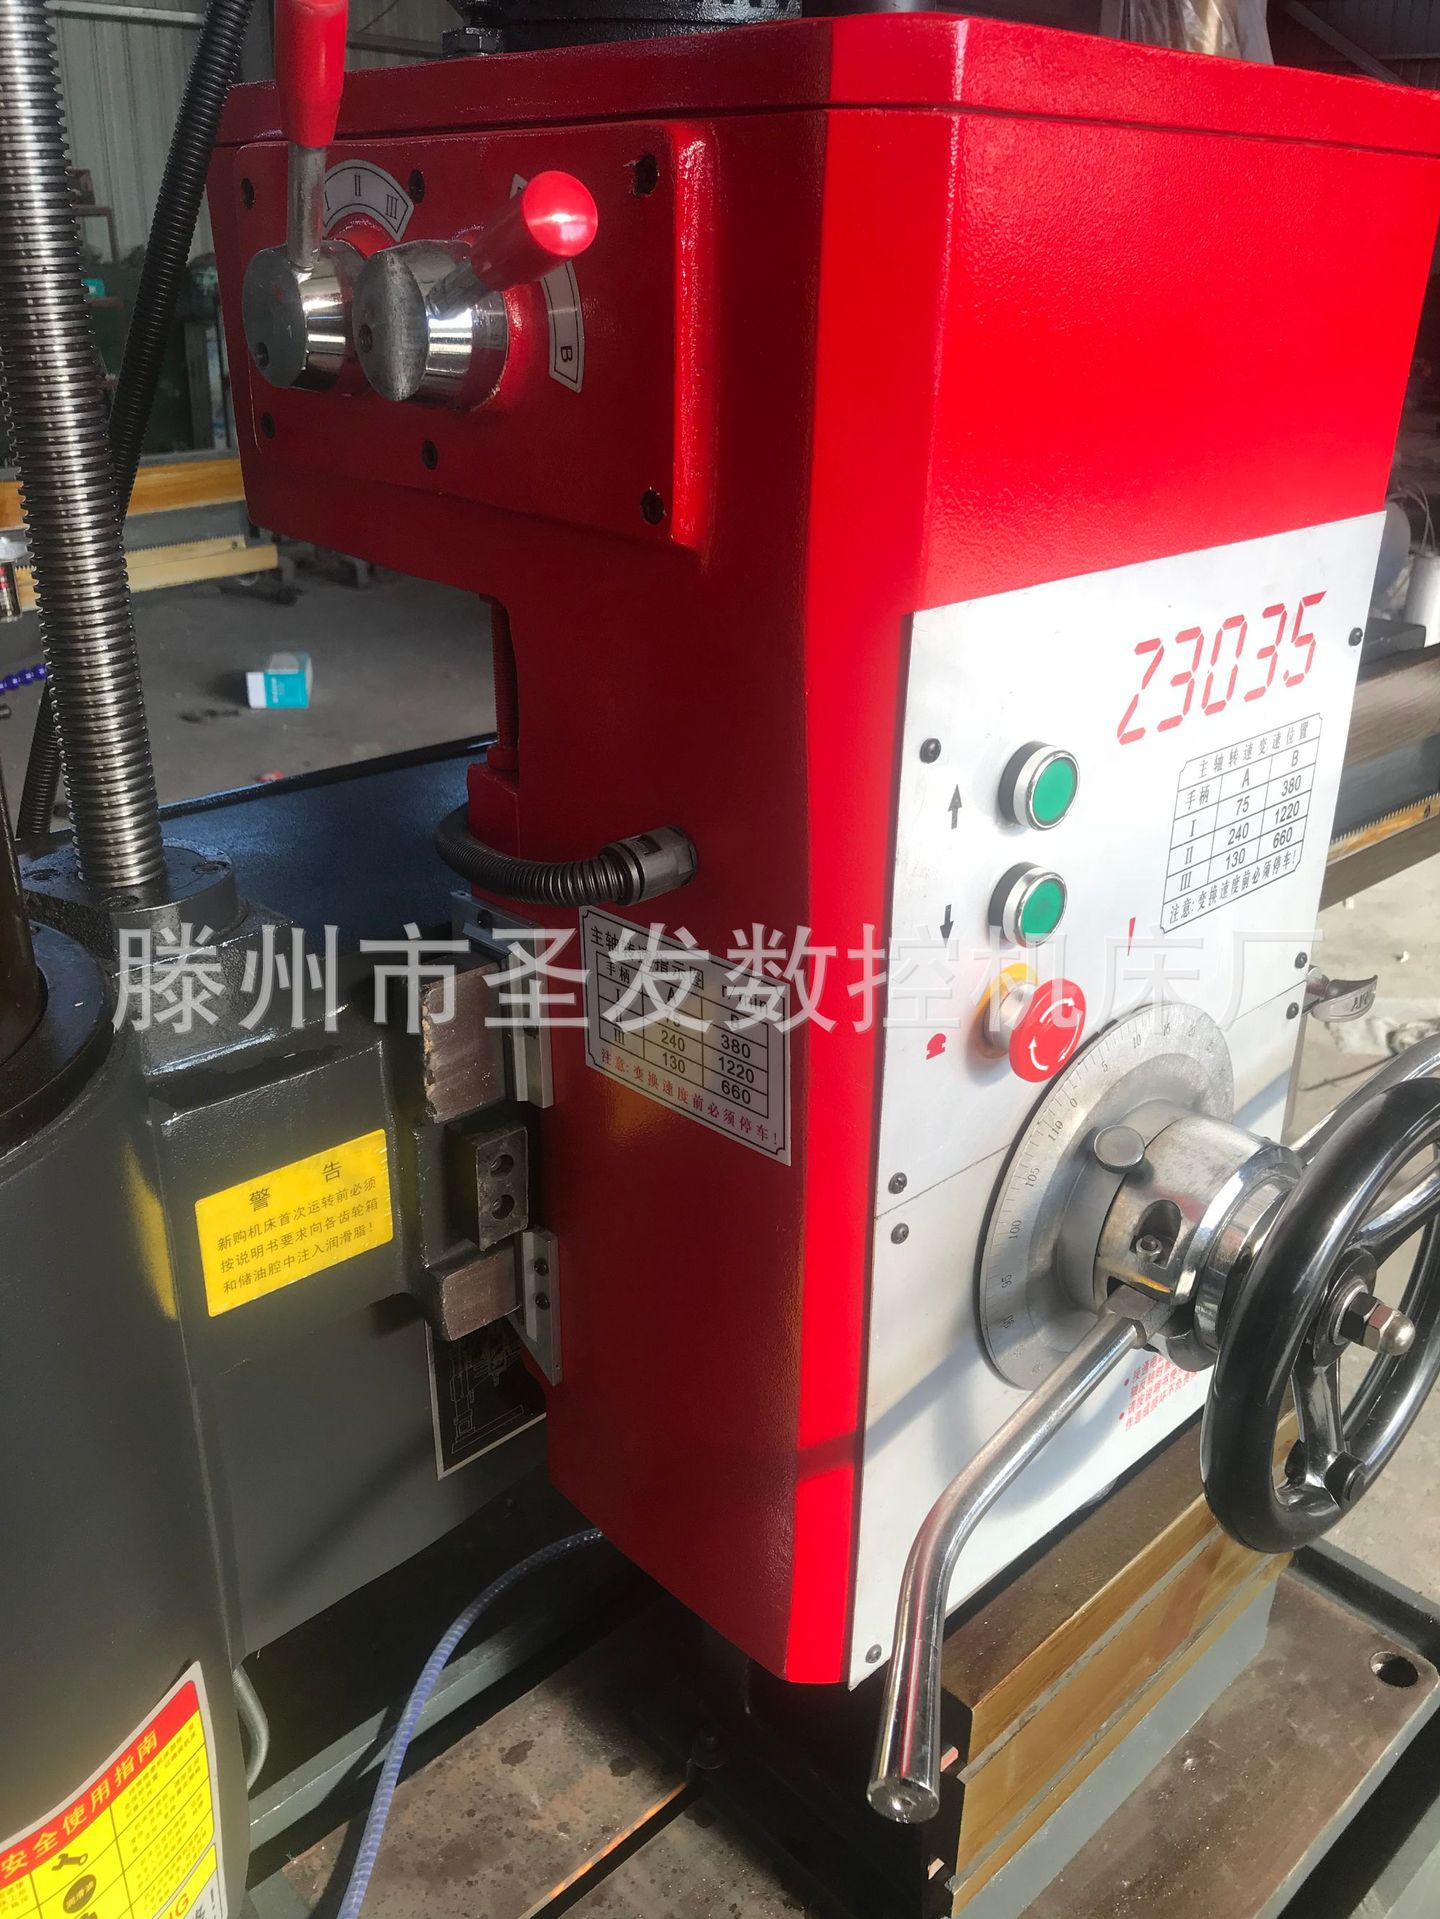 供应35摇臂钻Z3035摇臂钻床质量好价格低滕州生产摇臂钻的厂家示例图3